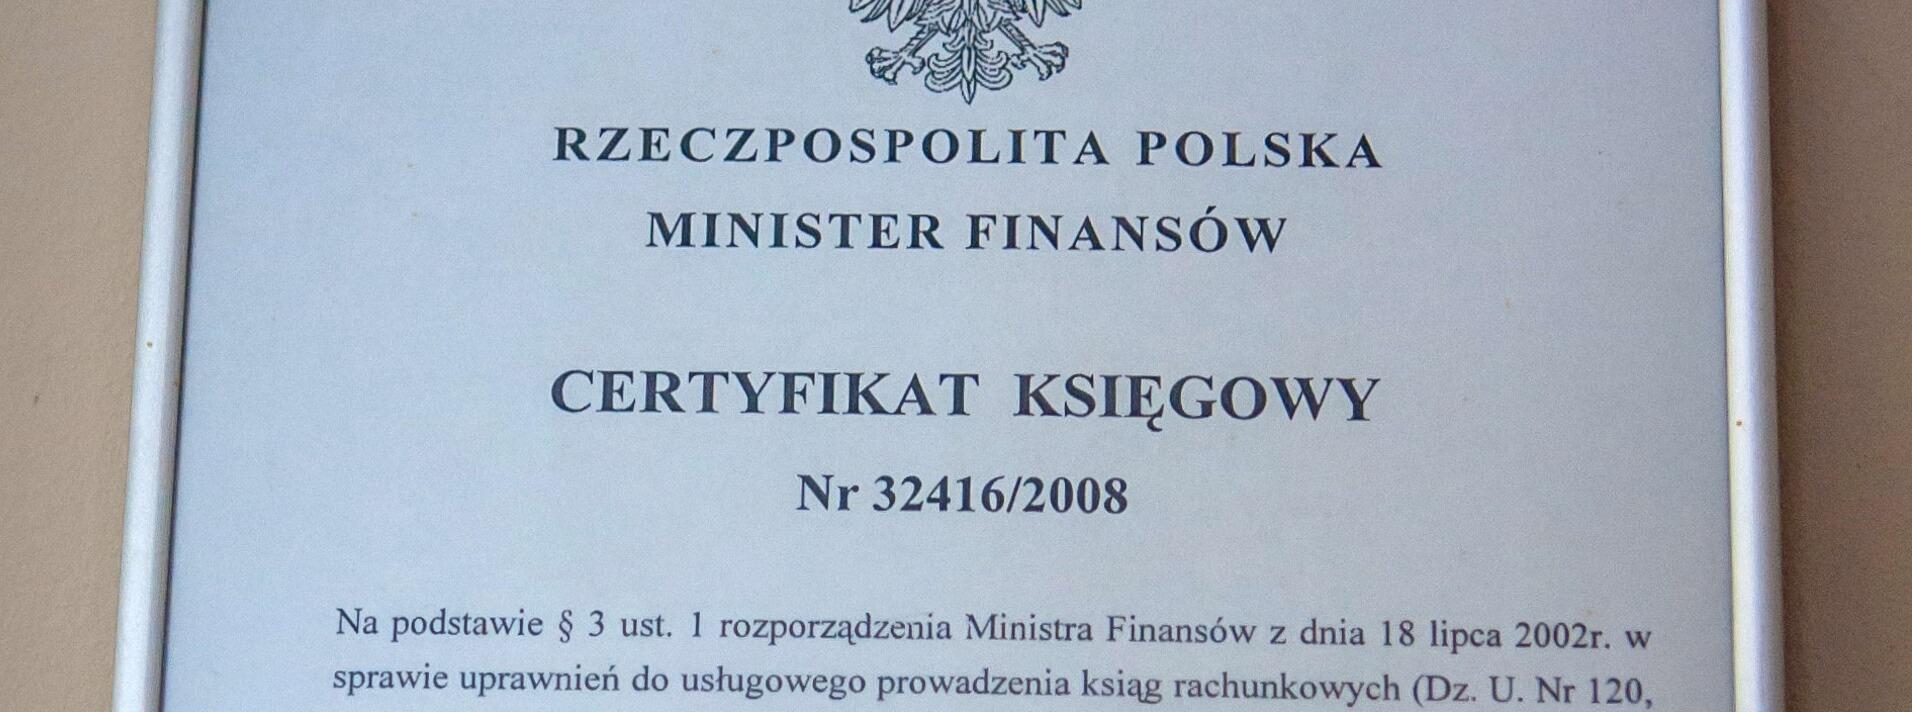 certyfikat-ksiegowy-anna-radwan-ksiegowa-wroclaw-2